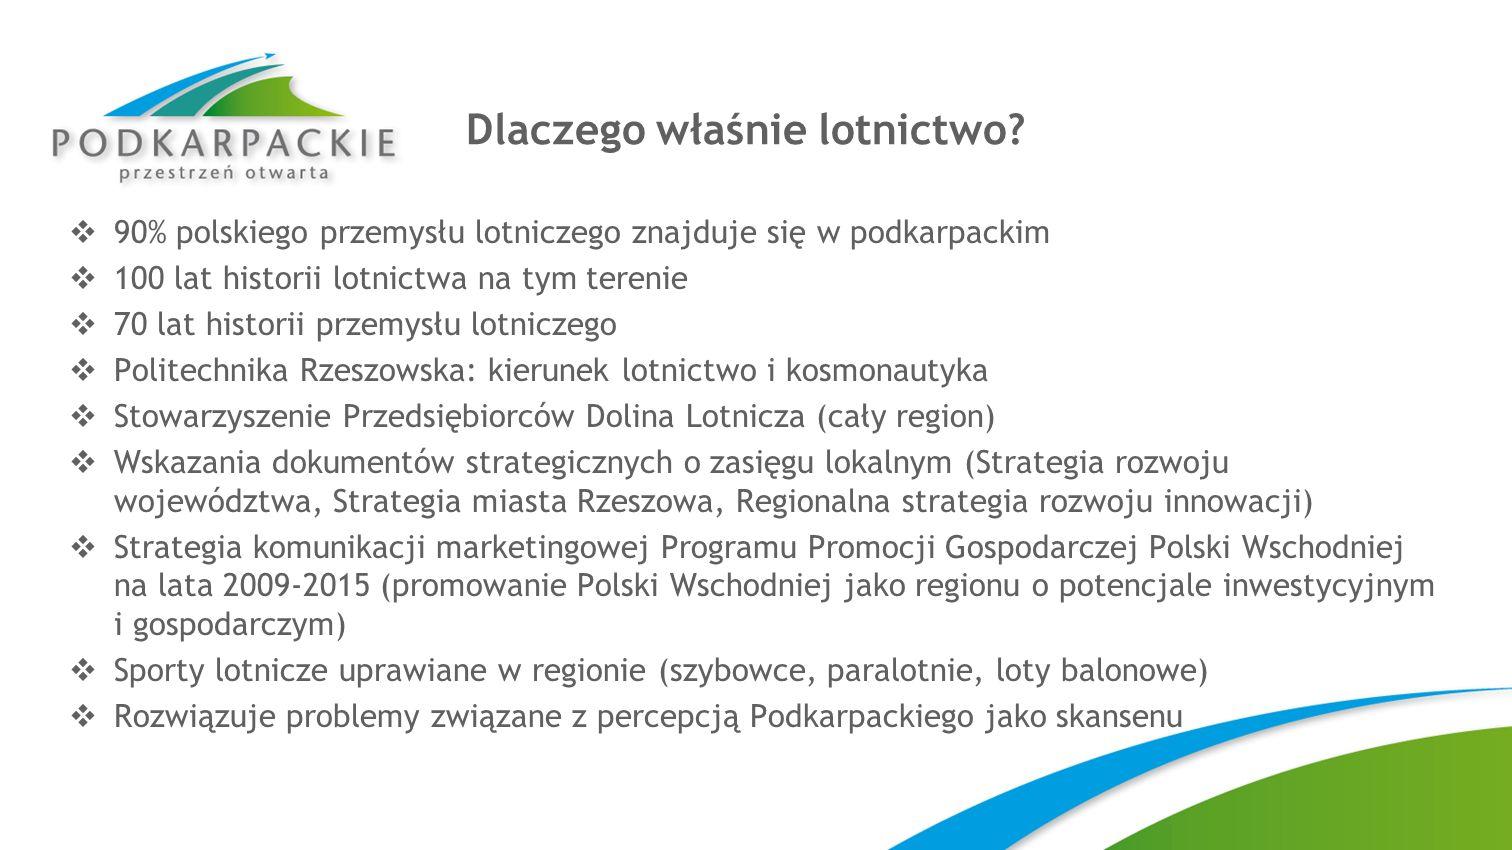 Dlaczego właśnie lotnictwo? 90% polskiego przemysłu lotniczego znajduje się w podkarpackim 100 lat historii lotnictwa na tym terenie 70 lat historii p